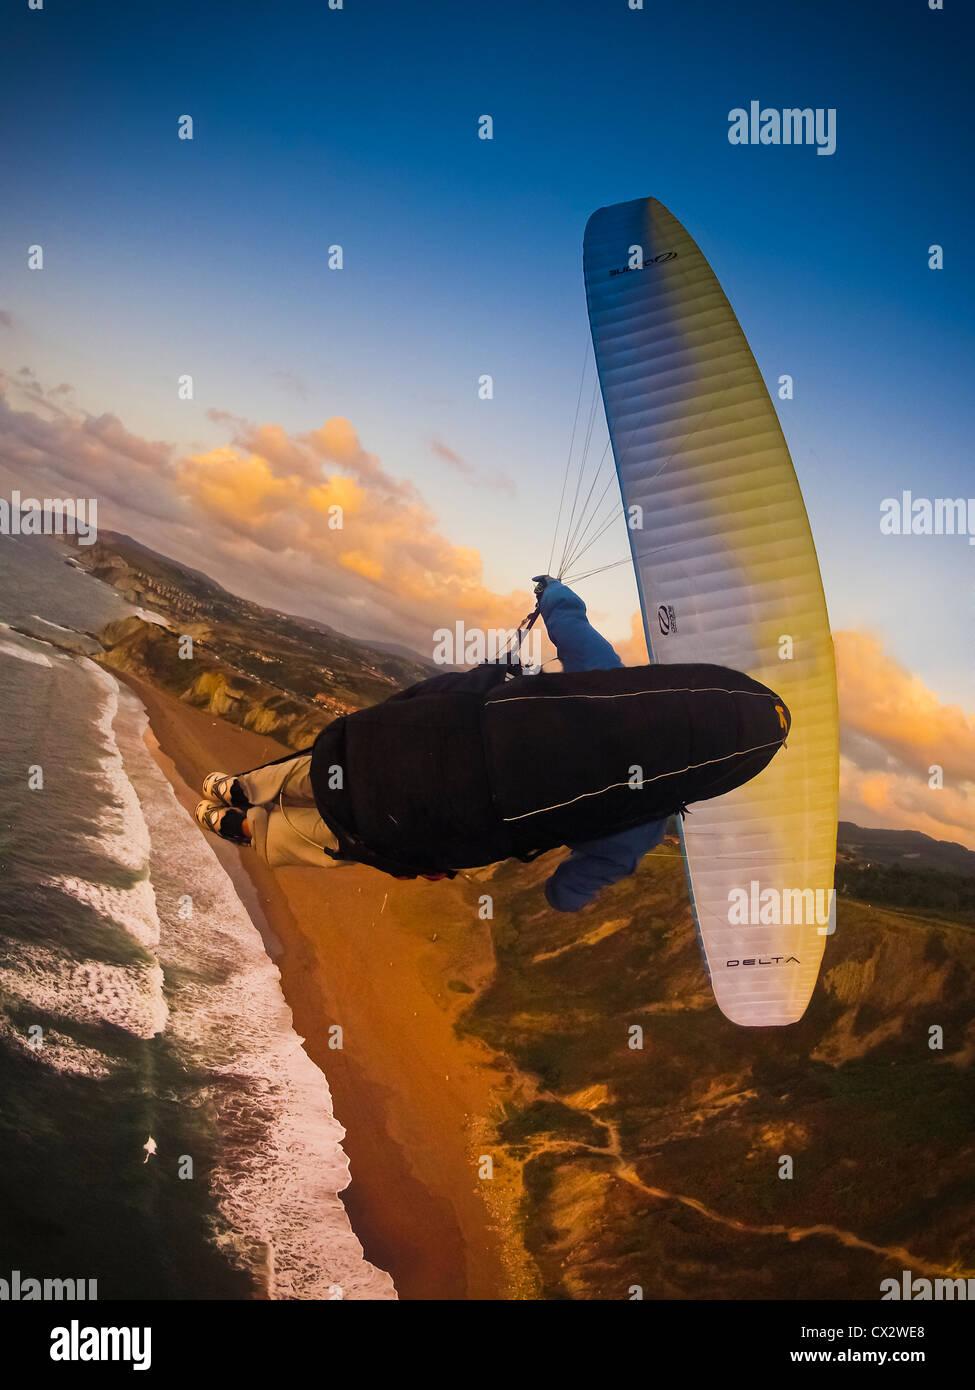 Parapente, vol libre au-dessus de la côte de l'Espagne, Sopelana, Pays Basque, risque, sport, dangereux, Photo Stock